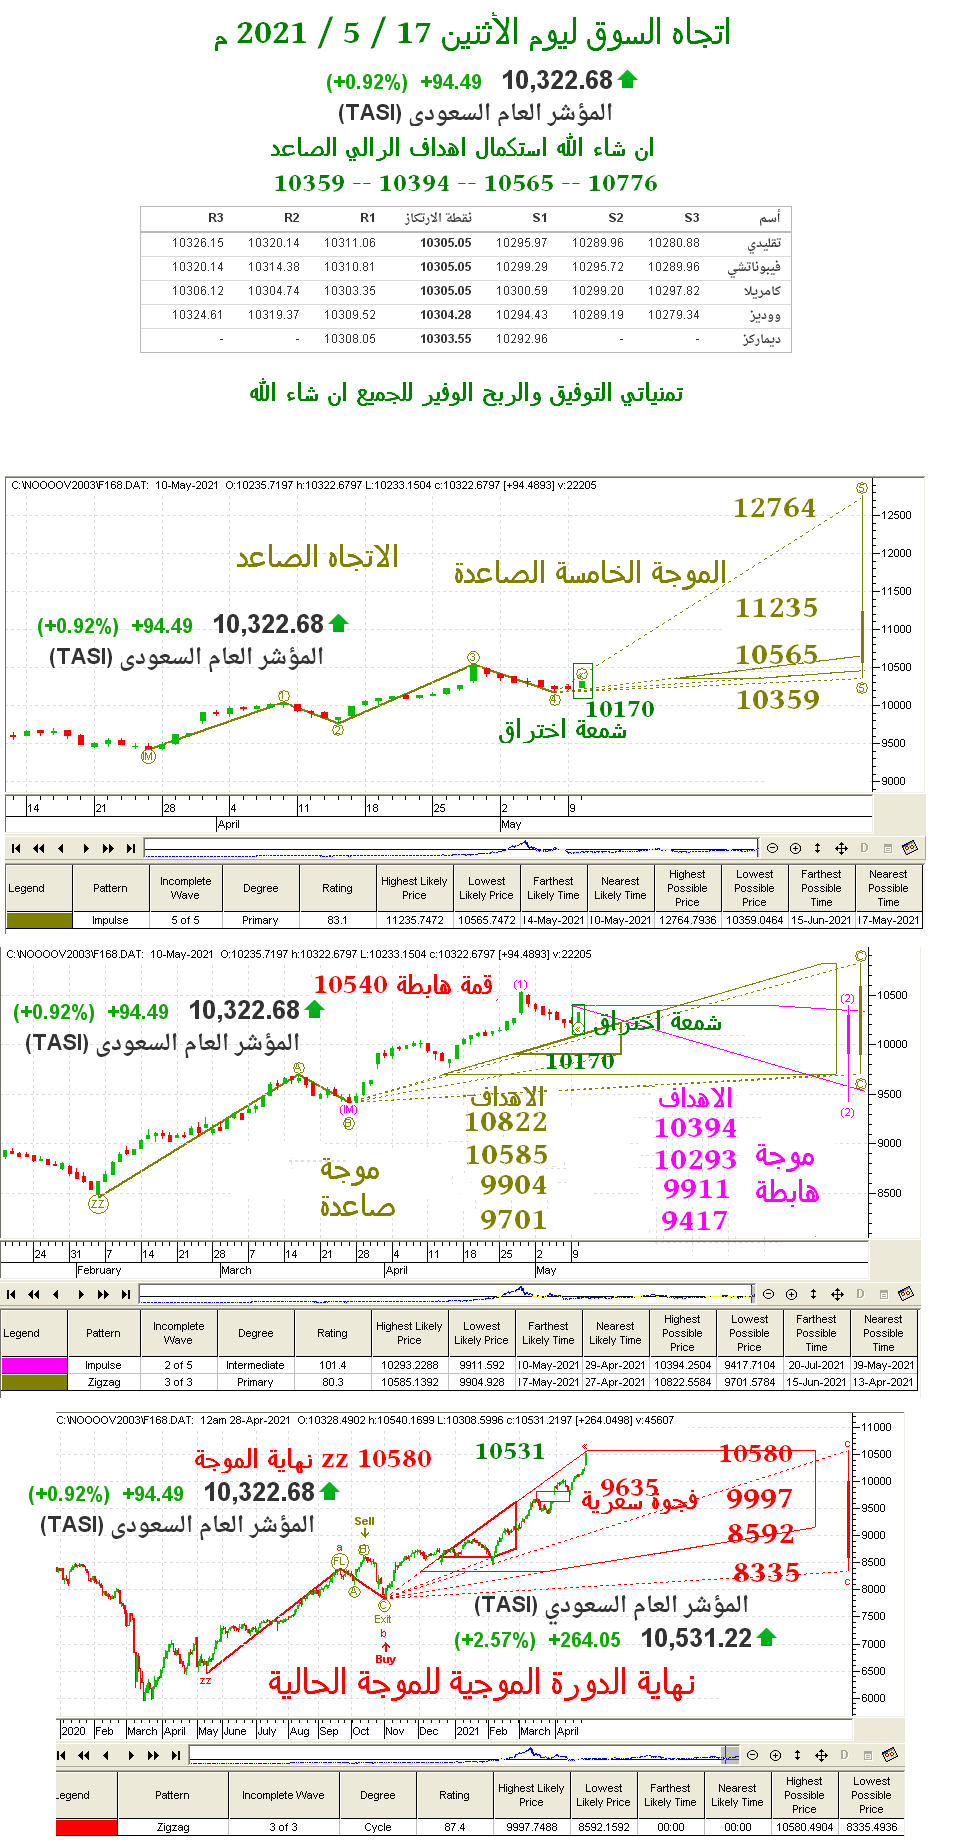 رد: اتجاه السوق ليوم الأثنين 17 / 5 / 2021 م عيد مبارك على الجميع